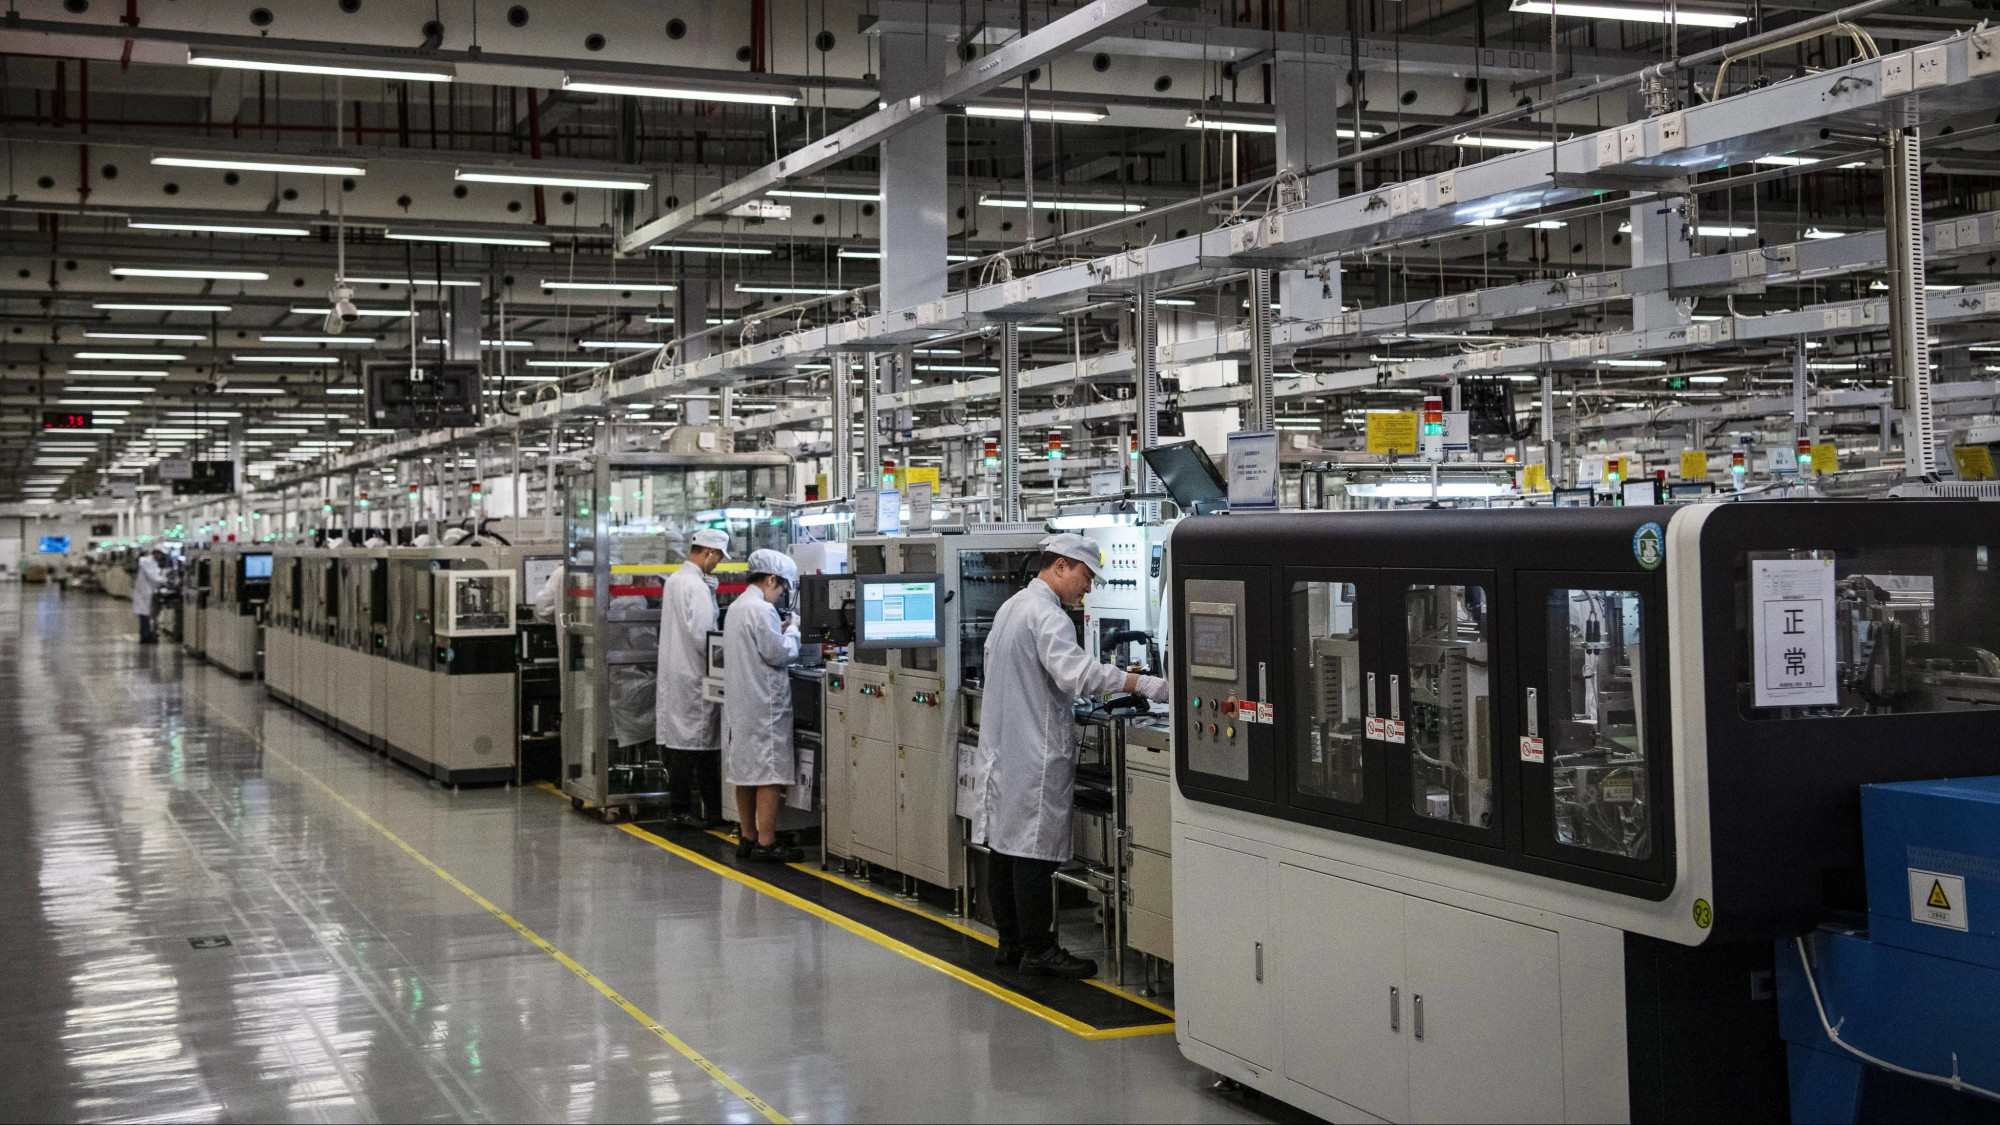 Trung Quốc thường đưa ra các quy định về tỷ lệ nội địa hoặc thuế quan nhằm buộc doanh nghiệp nước ngoài đưa dây chuyền sản xuất sang Trung Quốc.